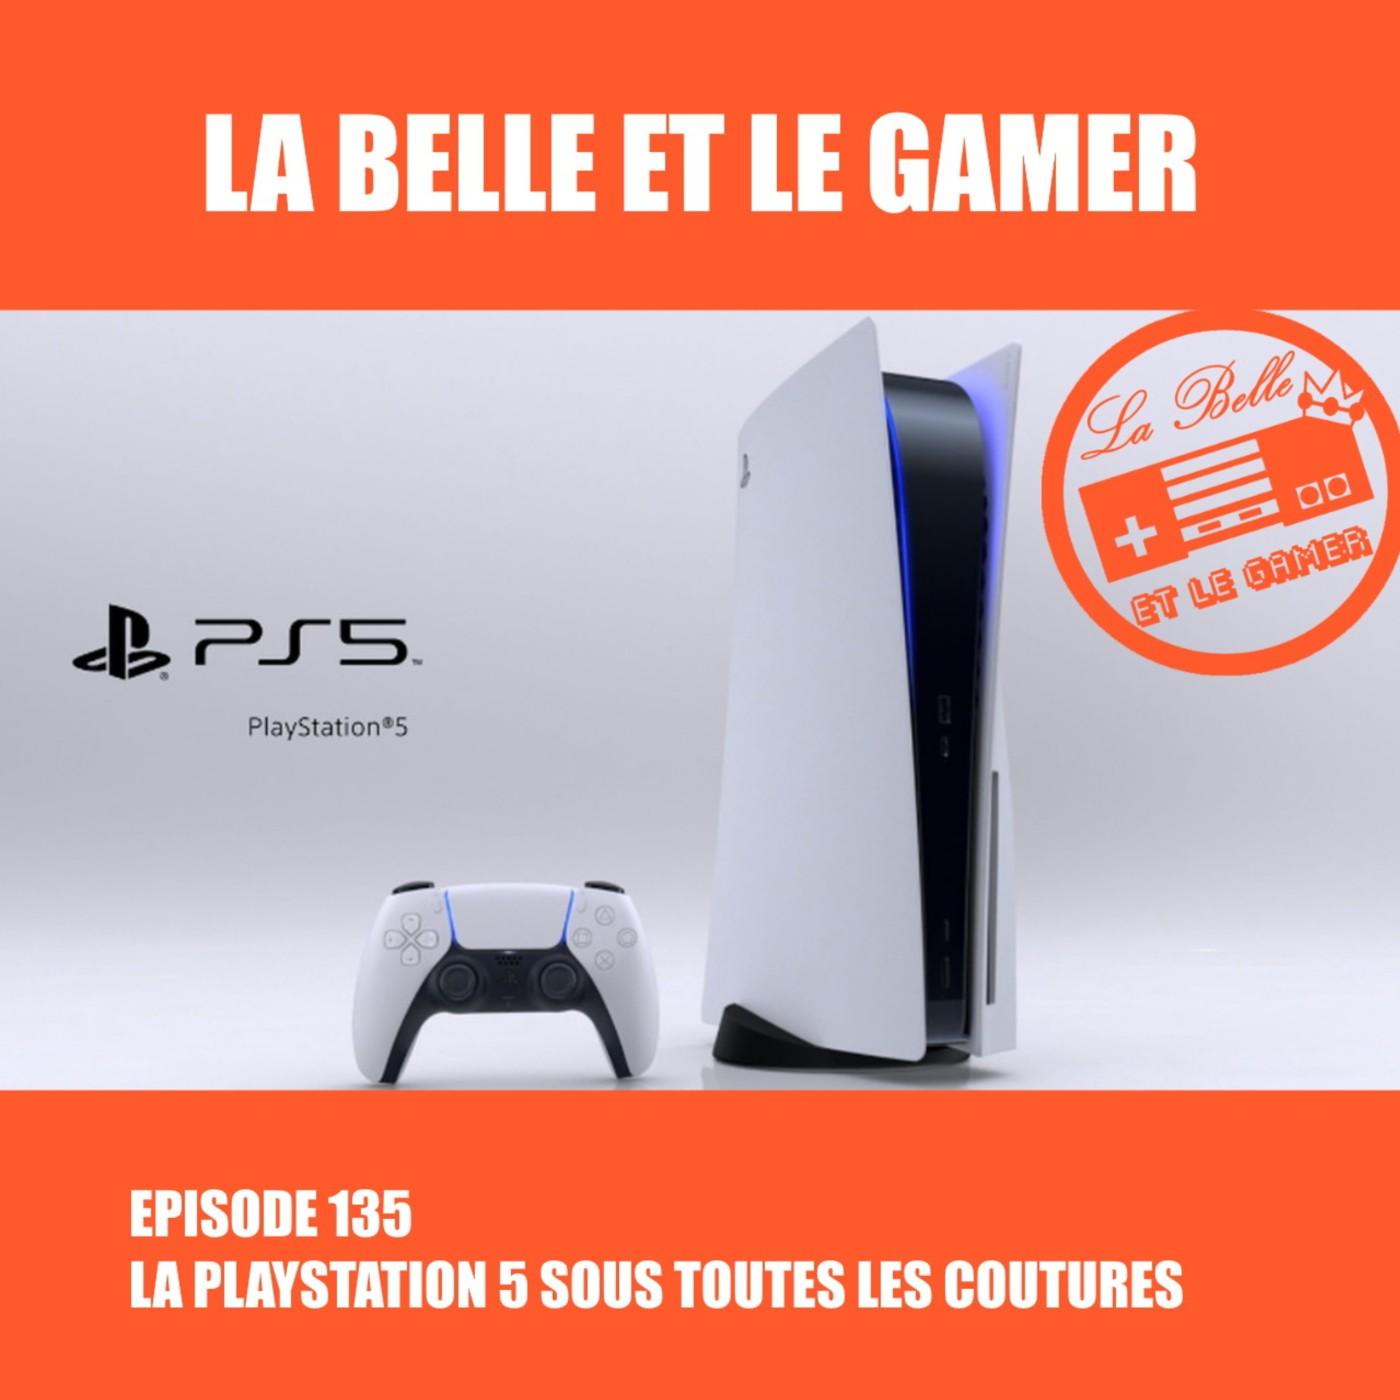 Episode 135: La PlayStation 5 sous toutes les coutures